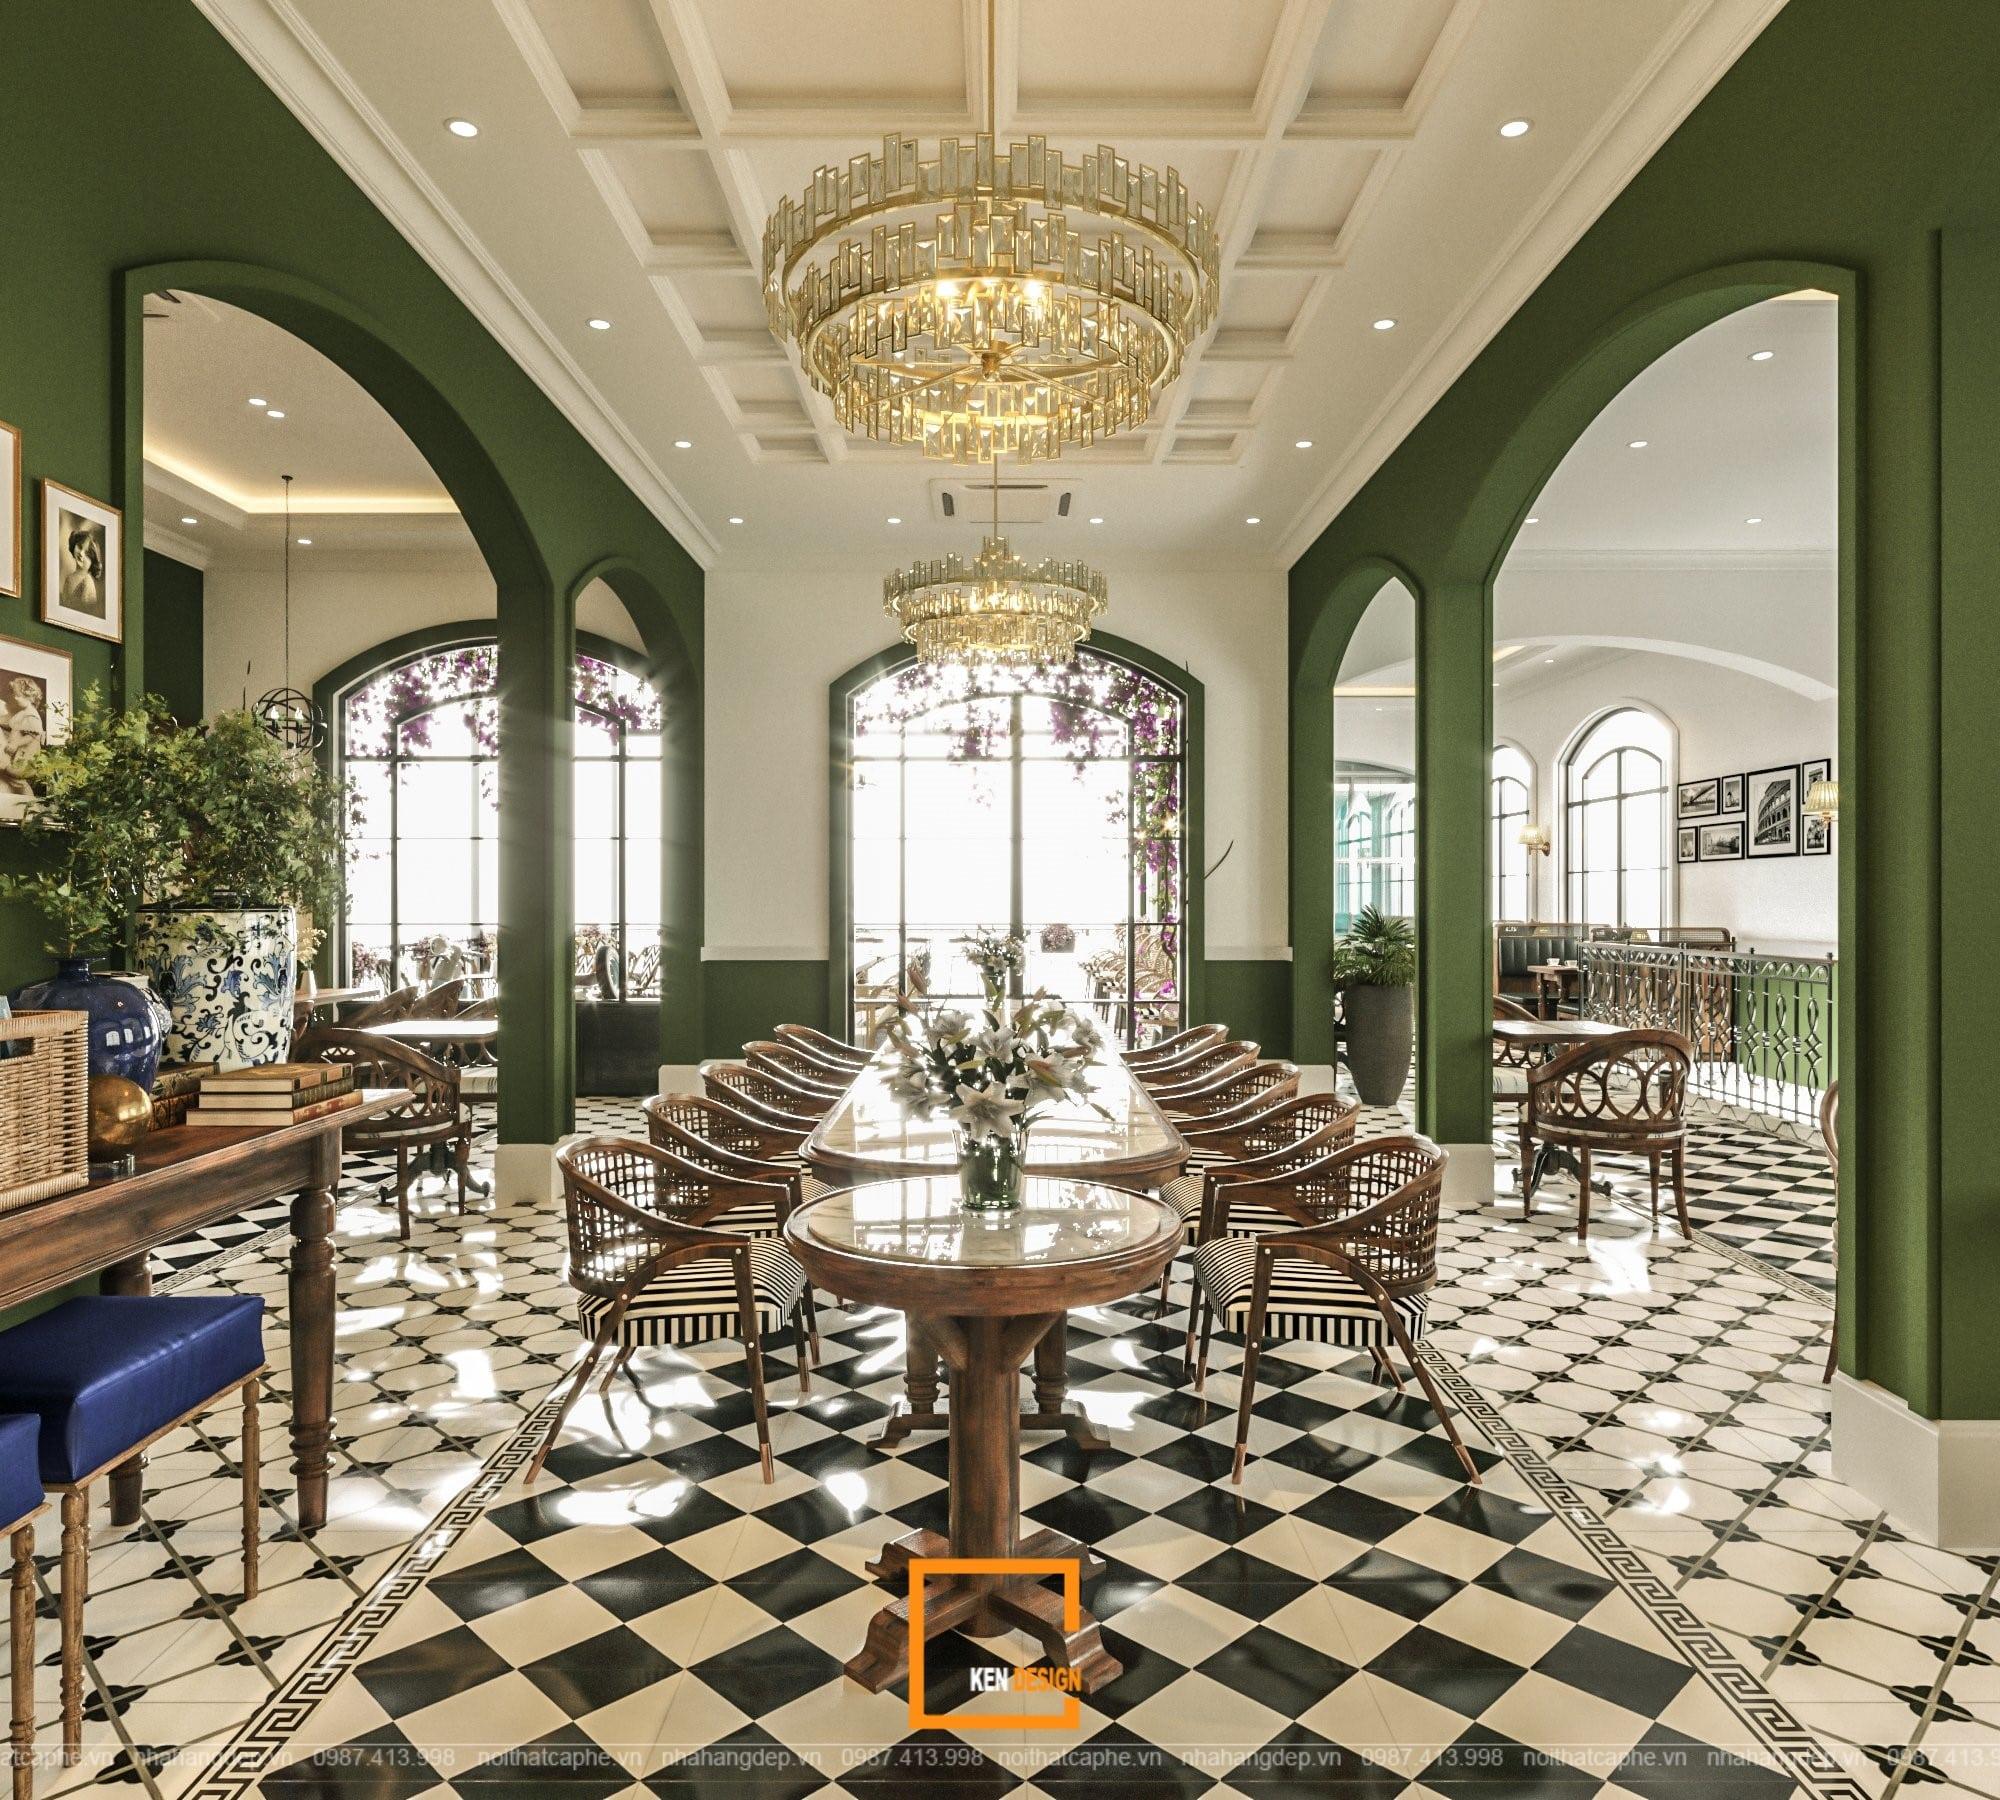 Dự án thiết kế Boutique Coffee phong cách tân cổ điển Châu Âu